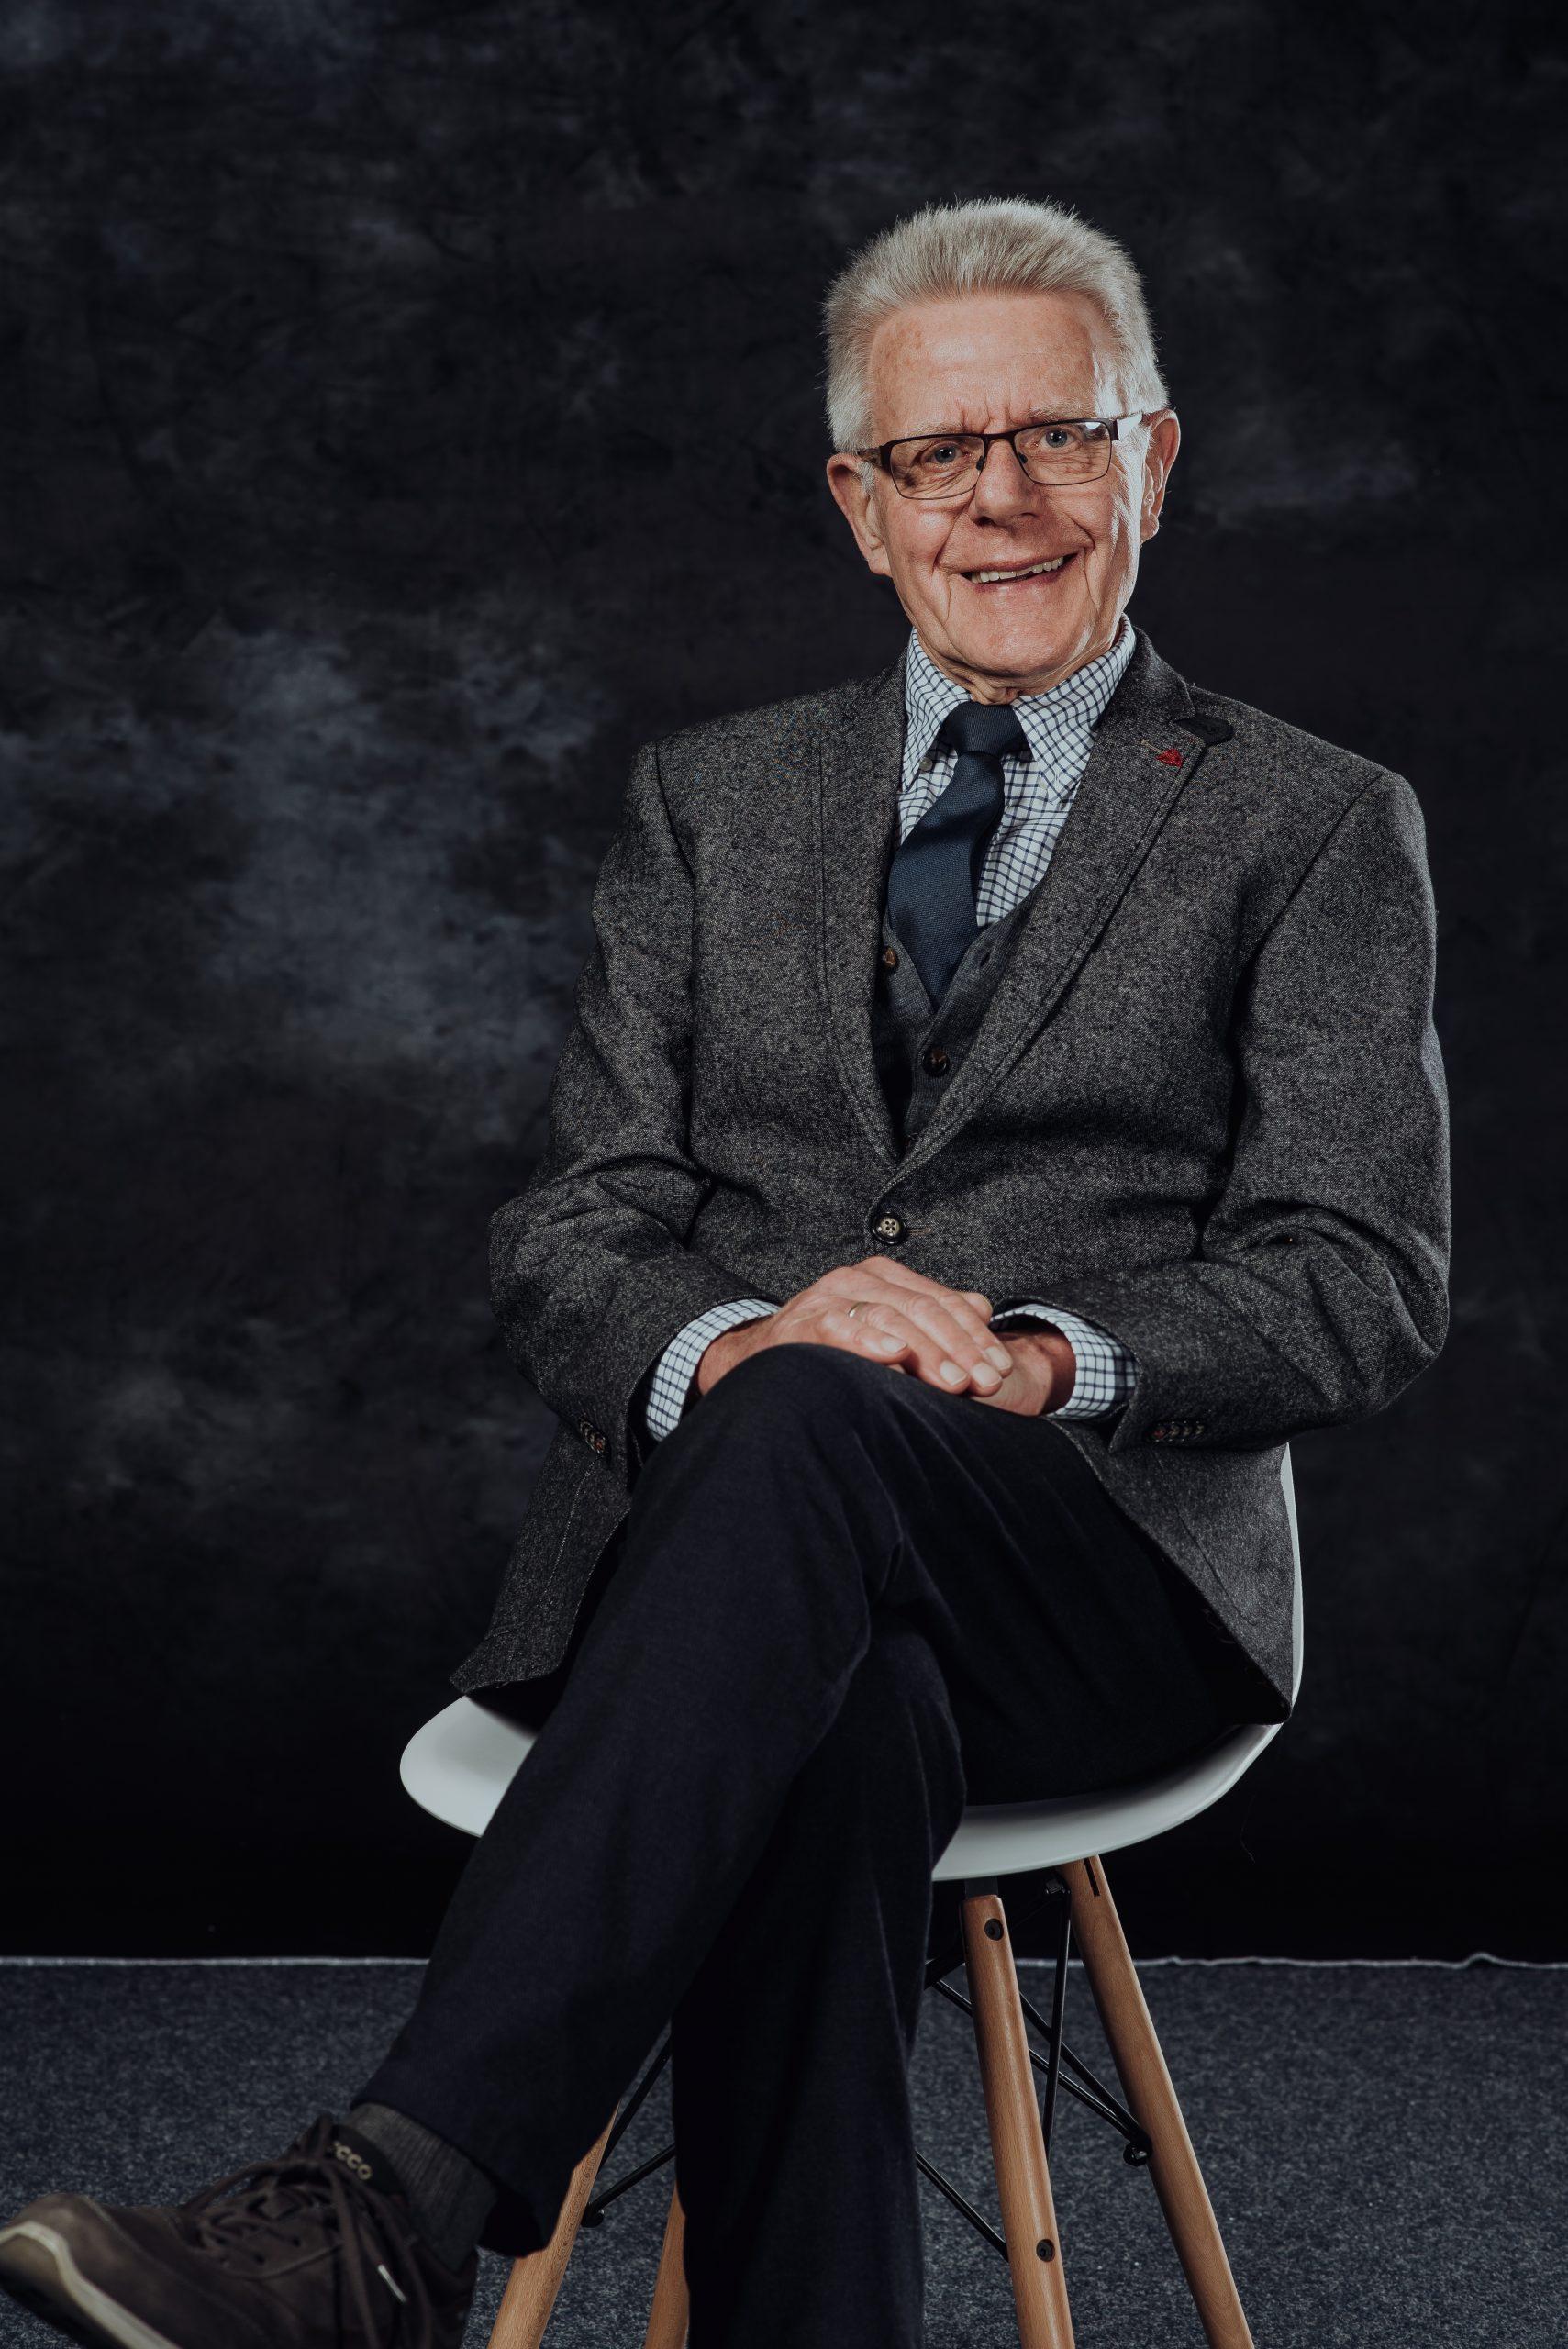 älterer Herr auf Stuhl vor Hintergrund